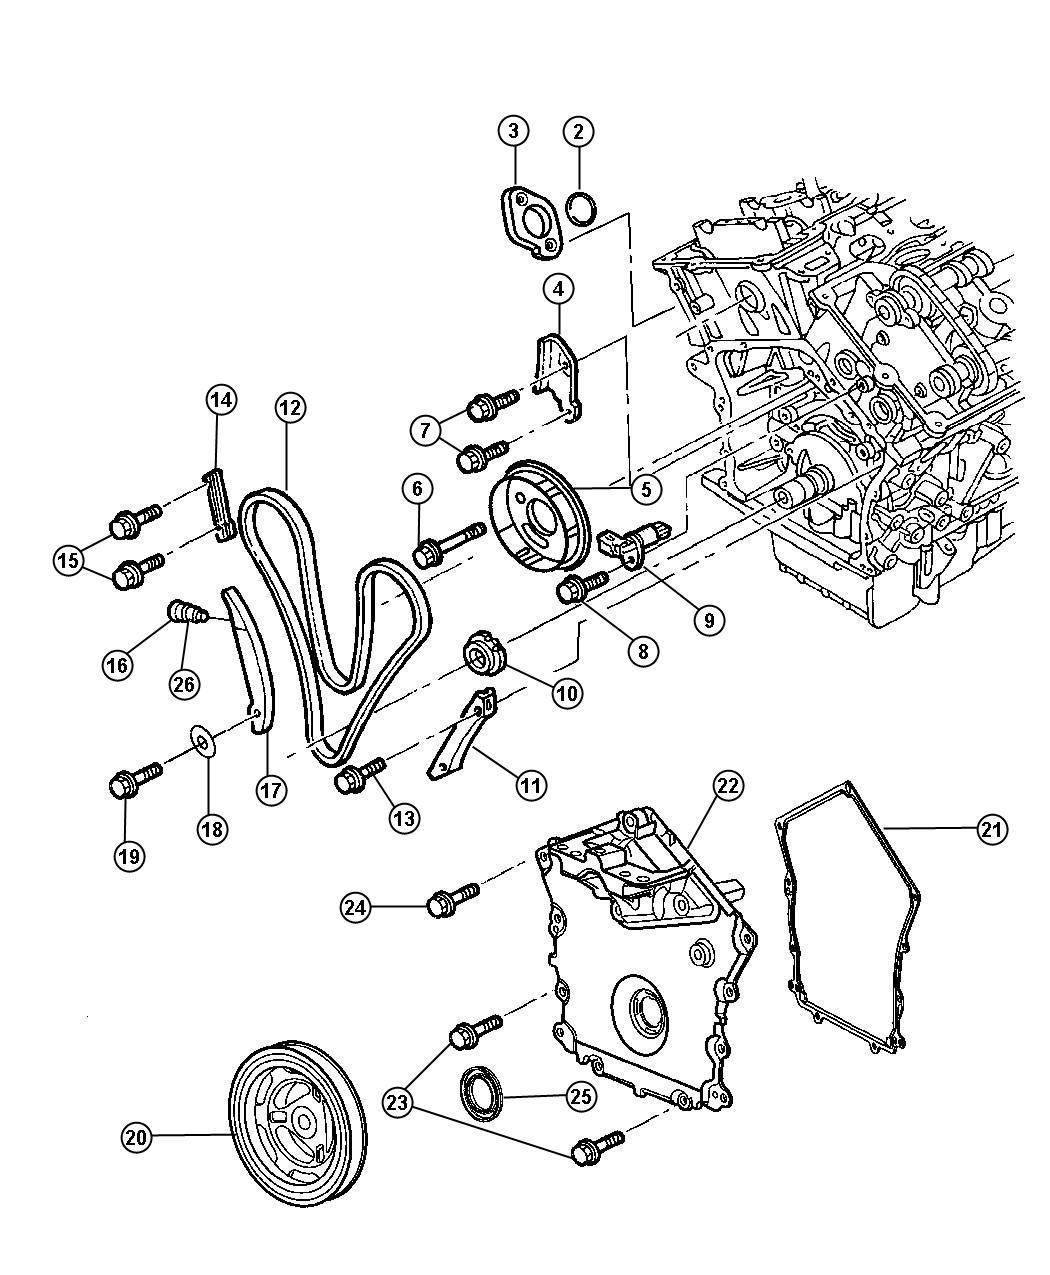 02 Chrysler Sebring Timing Cover